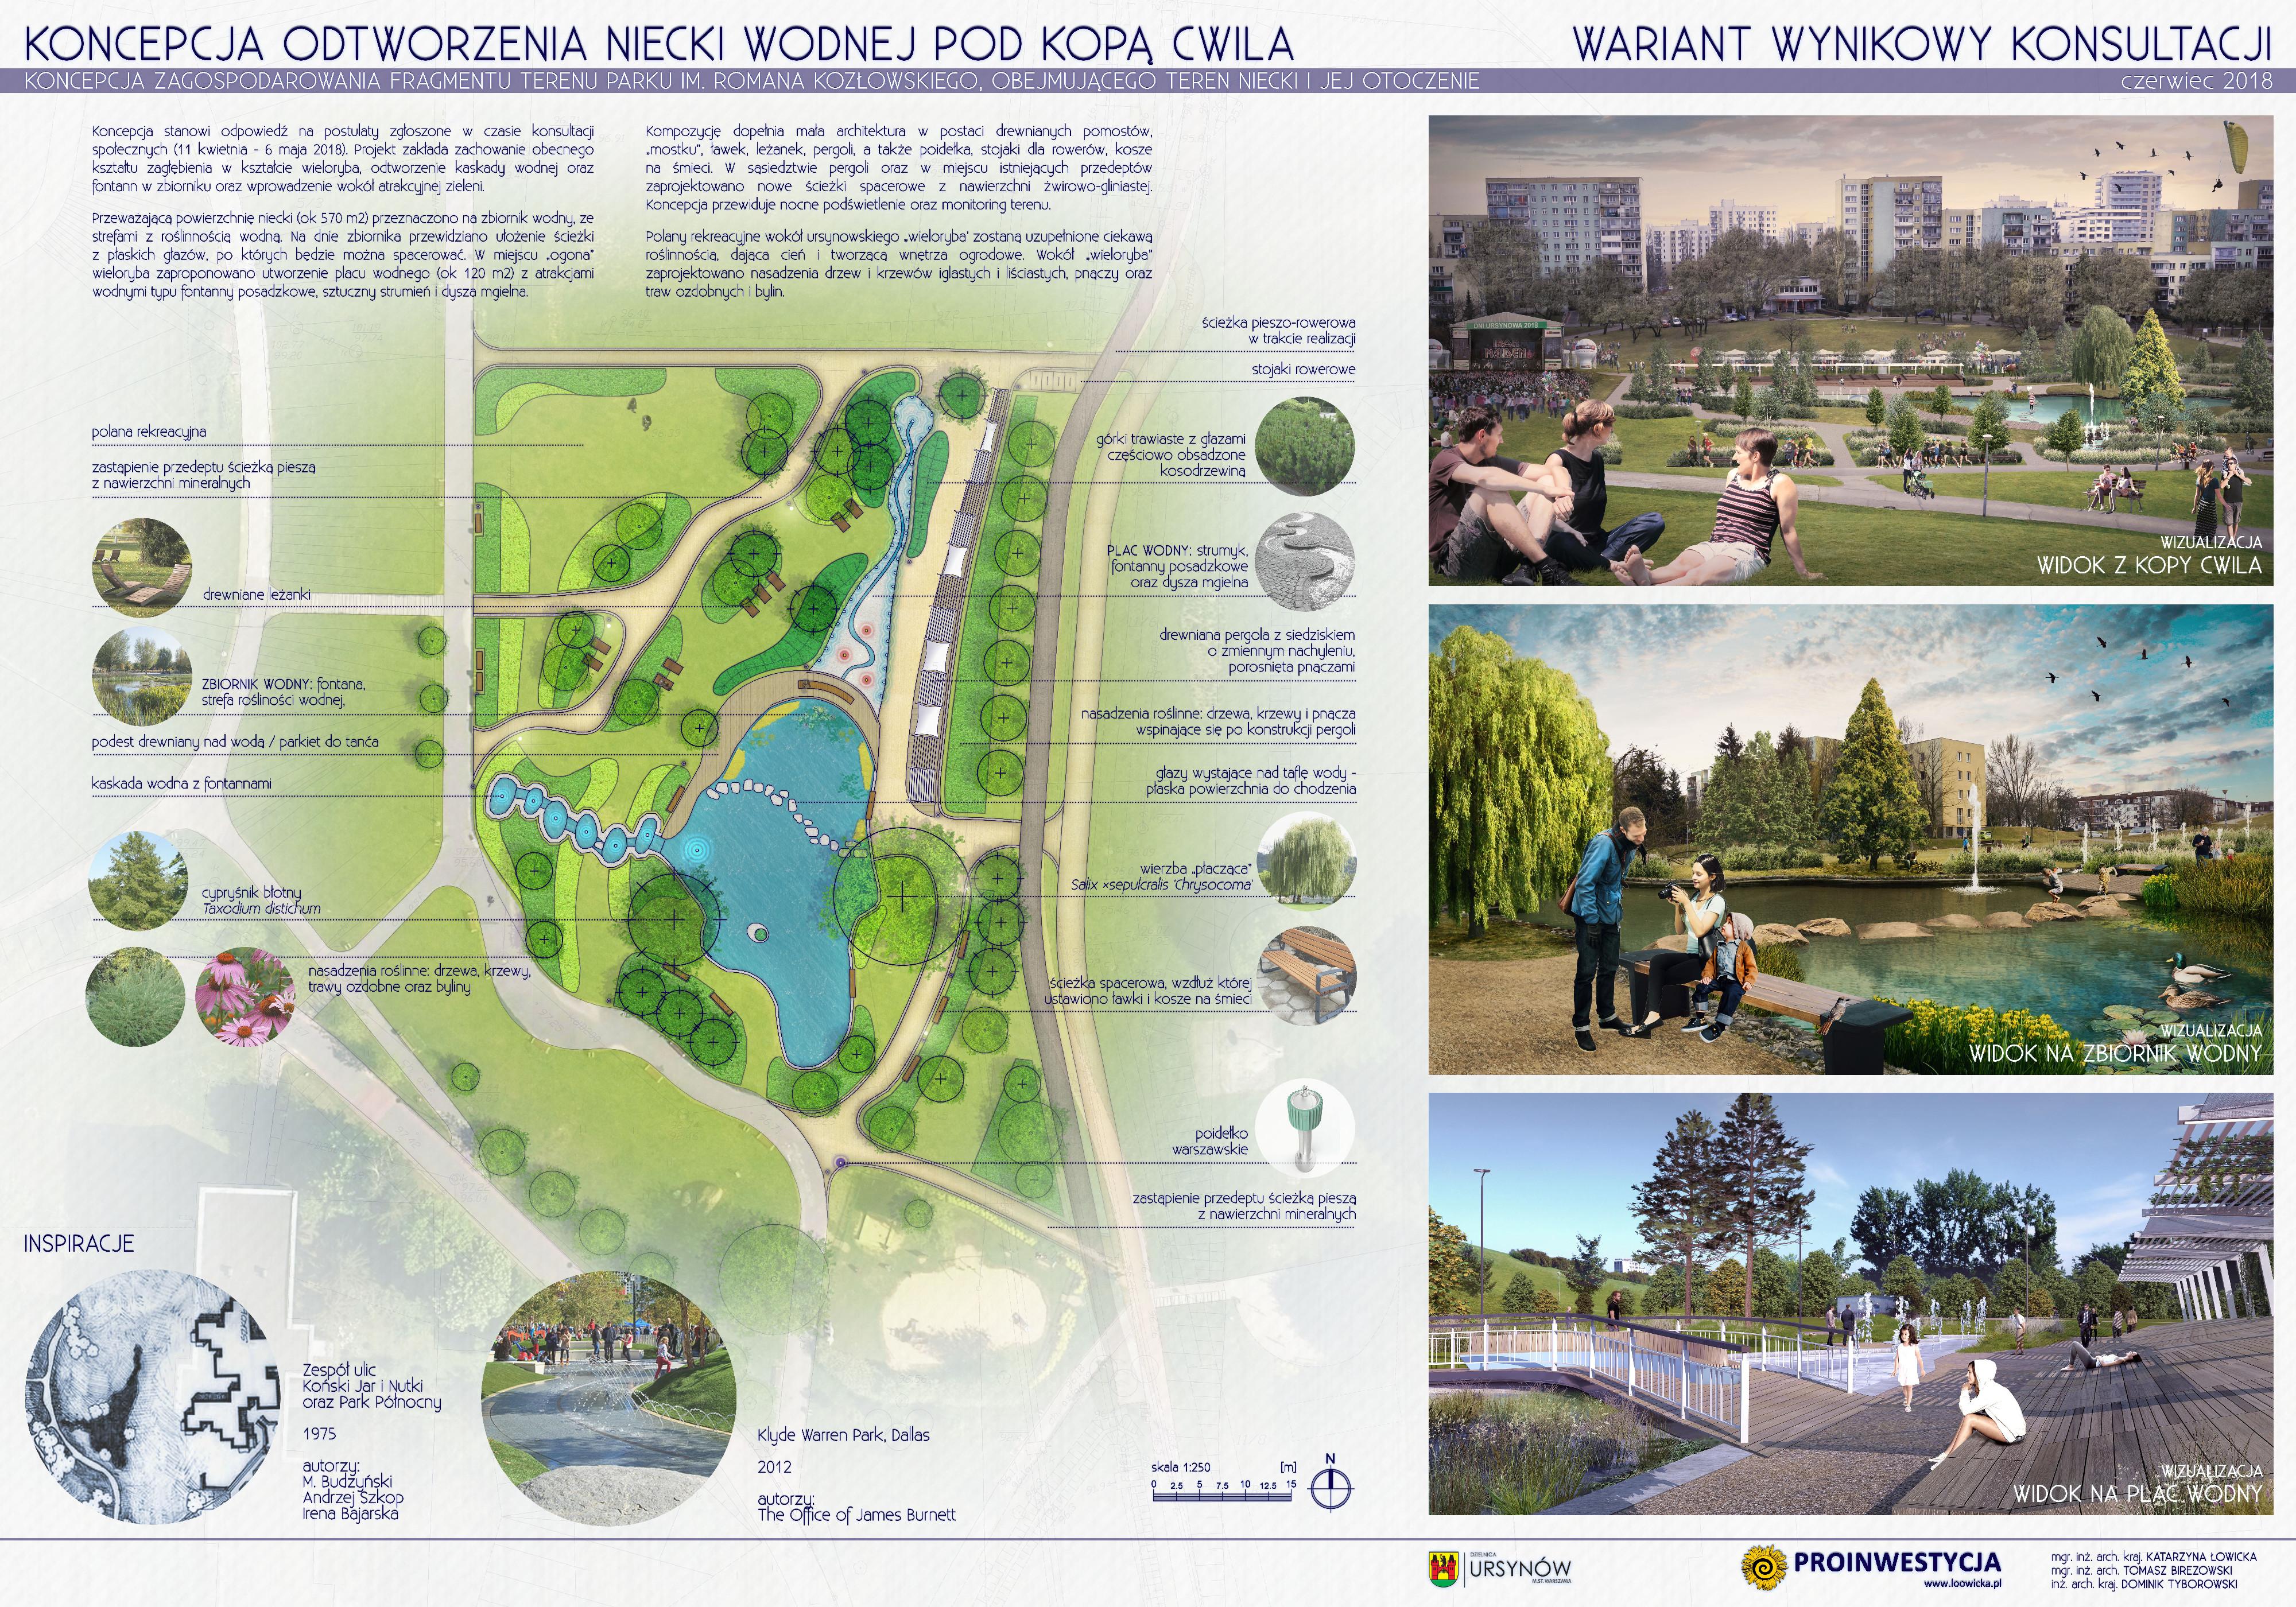 Koncepcja rewitalizacji niecki po fontannie u podnóża Kopy Cwila w Parku im. Romana Kozłowskiego